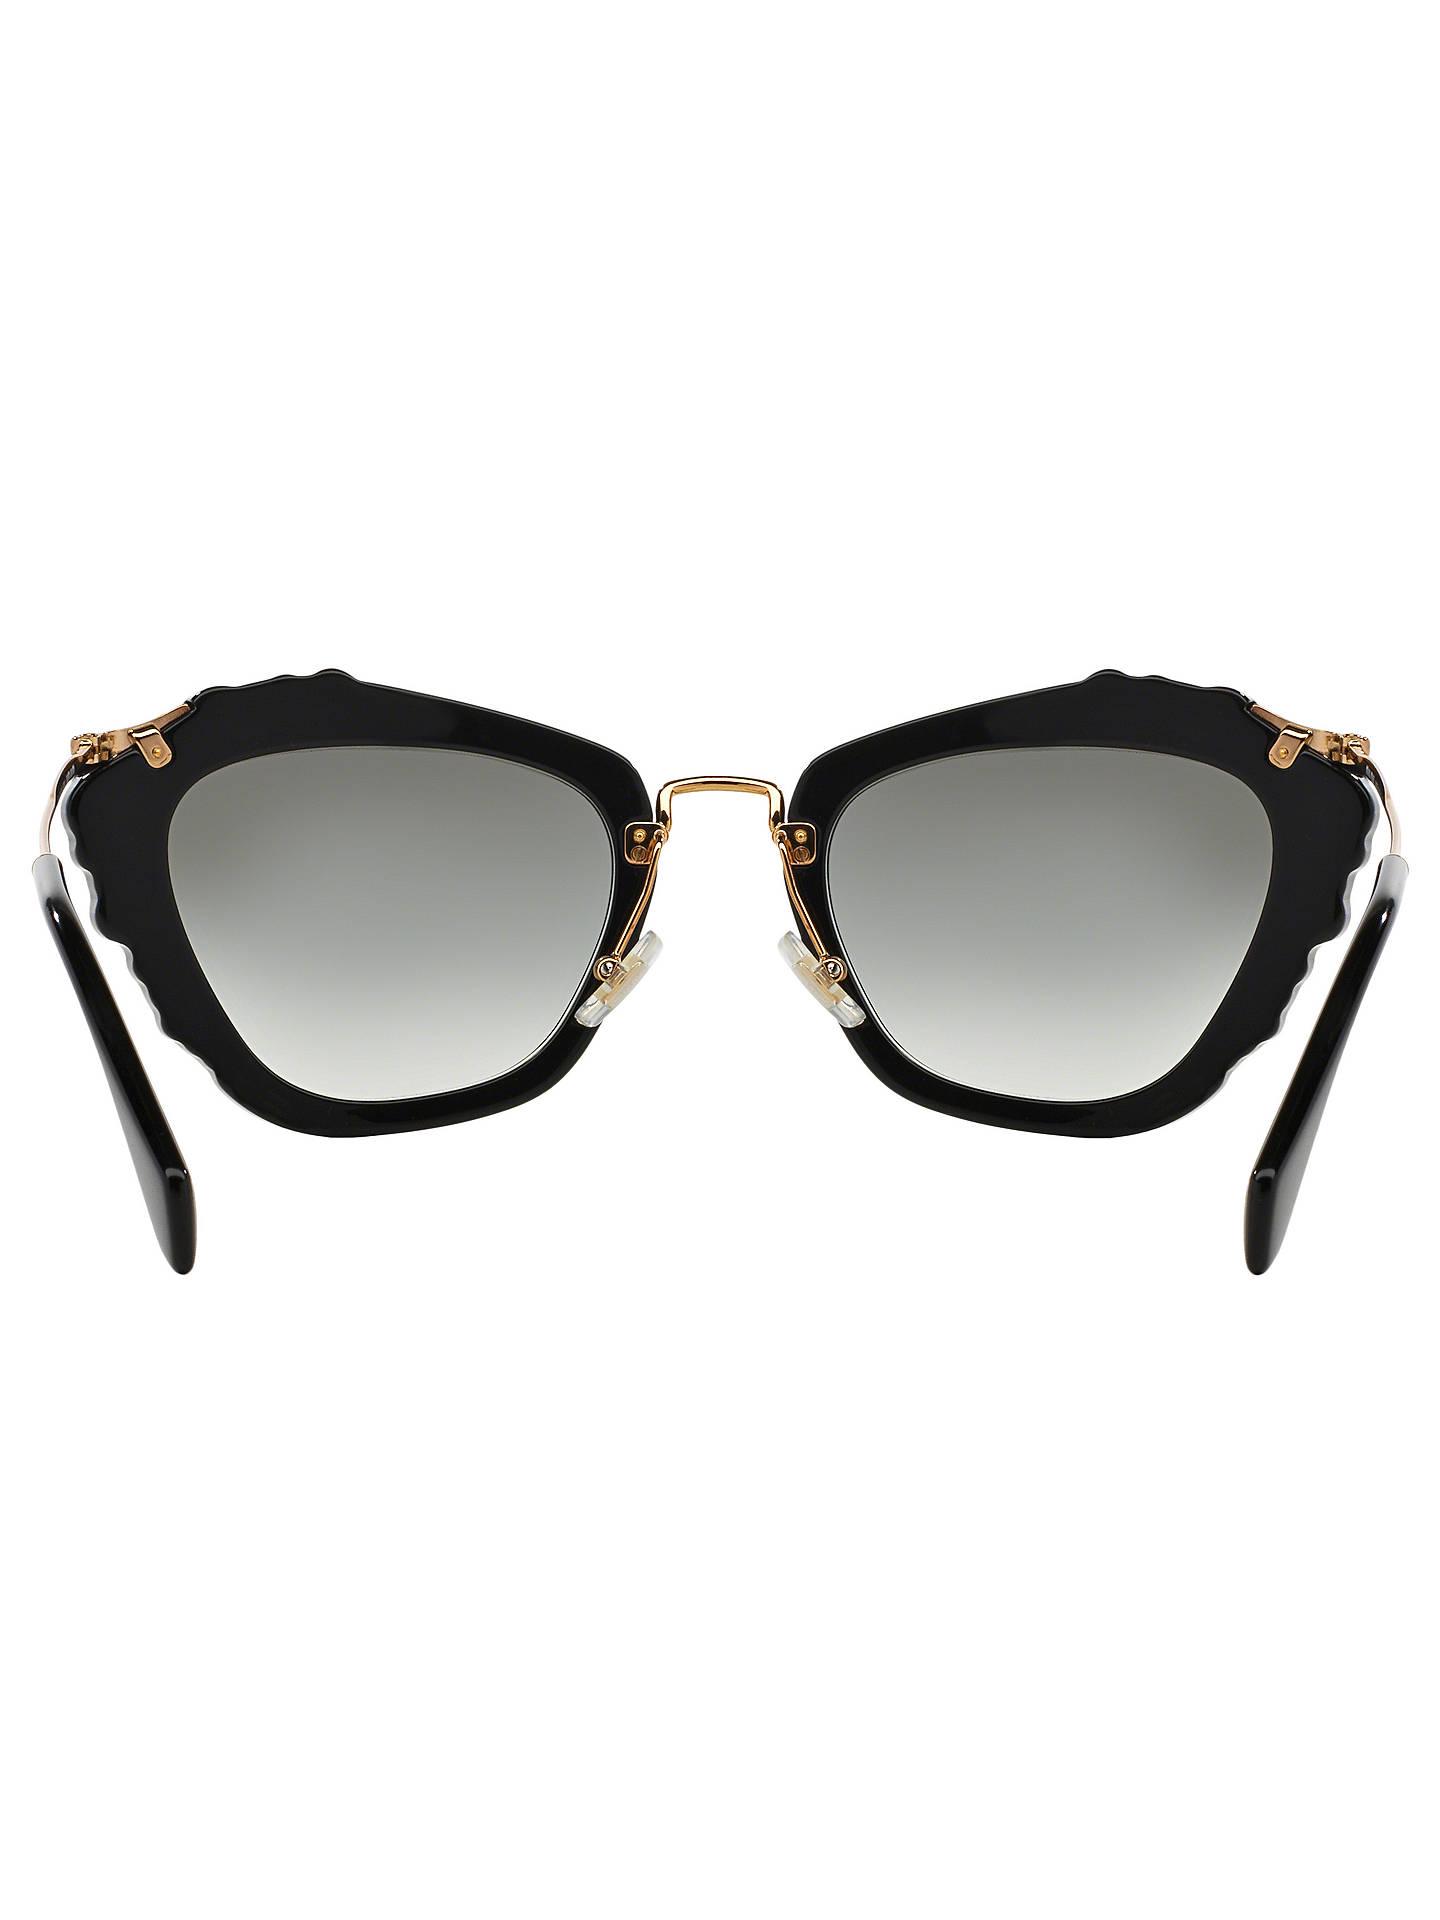 1921ee1660e5 ... Buy Miu Miu MU04QS Cat s Eye Sunglasses